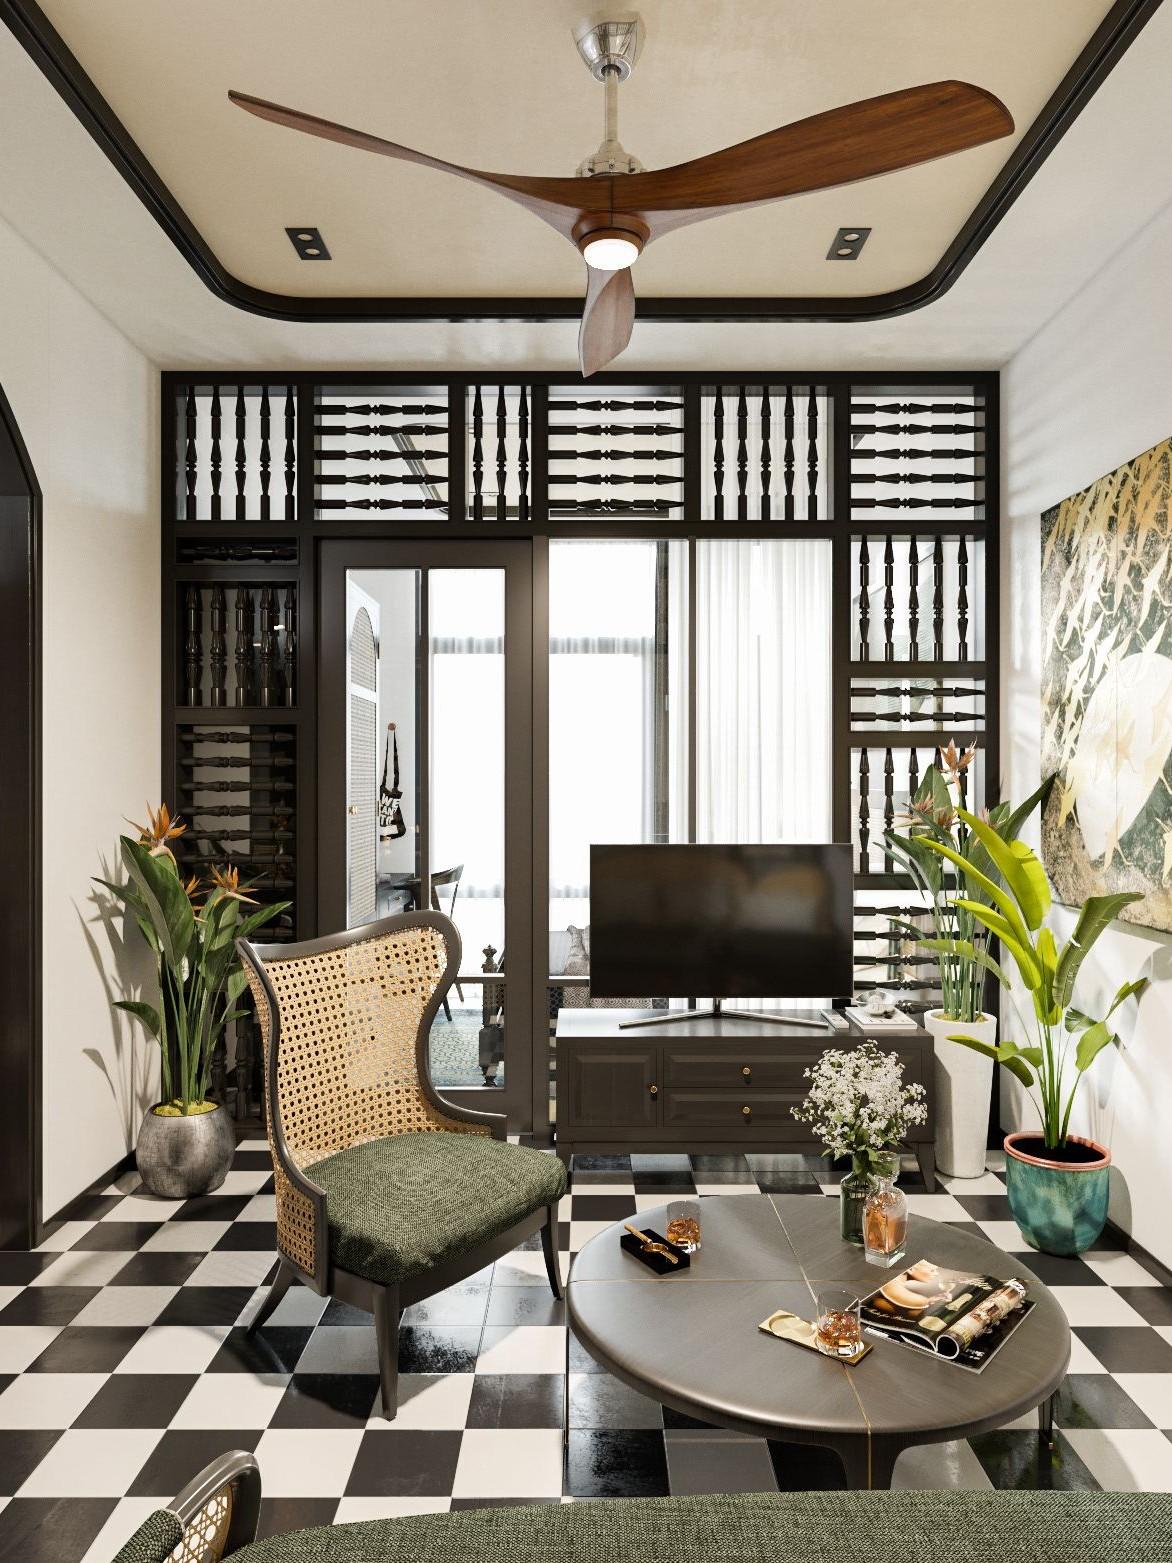 Sử dụng gạch bông trắng đen trong nội thất Indochine